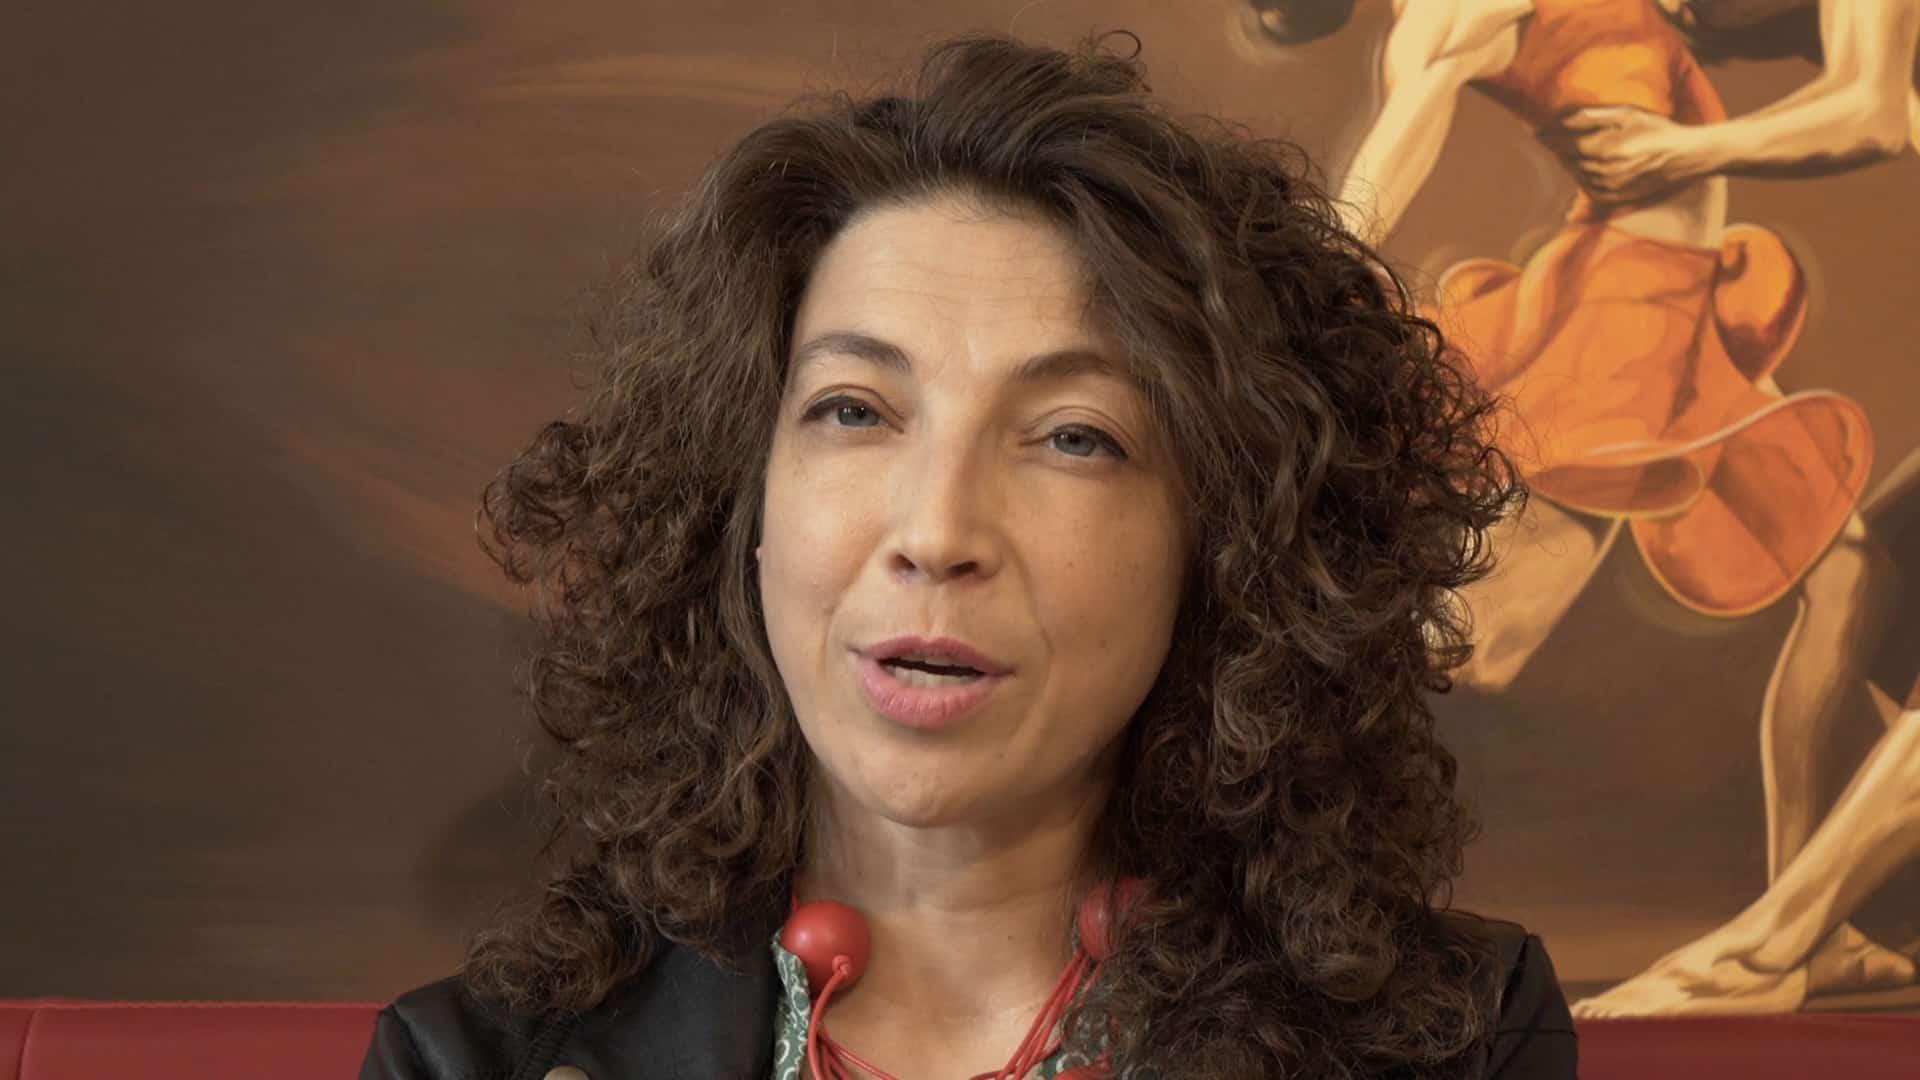 Selenia Mocellin - Direttrice Artistica e Fondatrice di Kasadanza